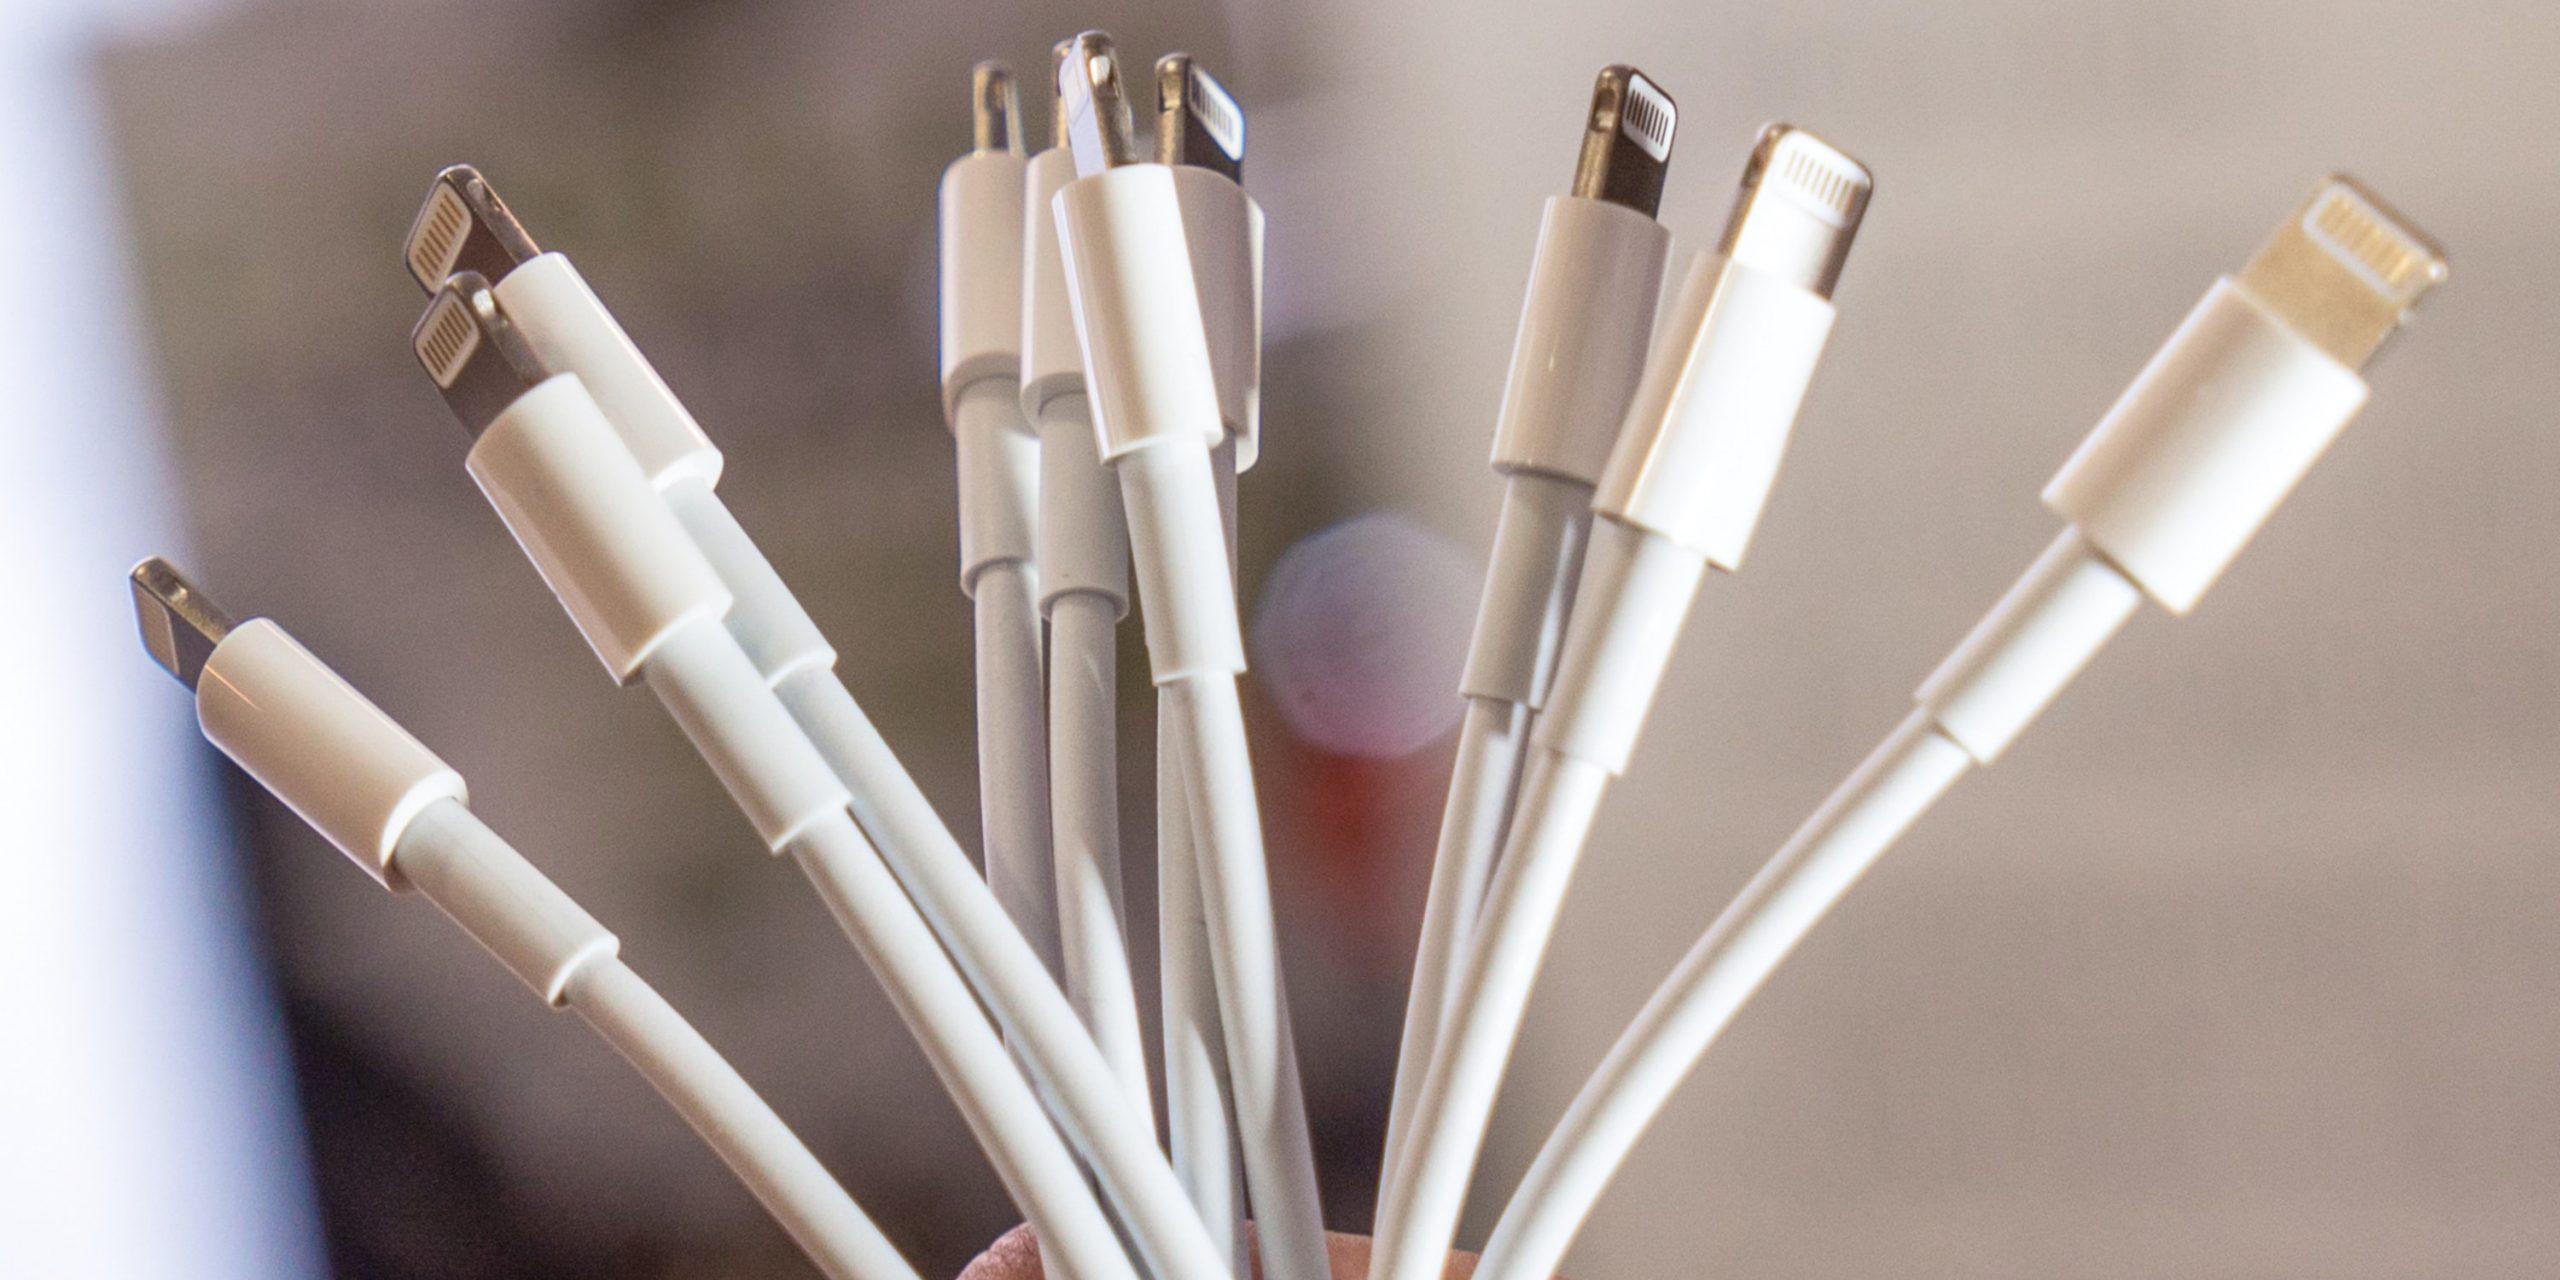 Apple наконец-то заменит хрупкие кабели Lightning на более прочные. Уже есть живые фото